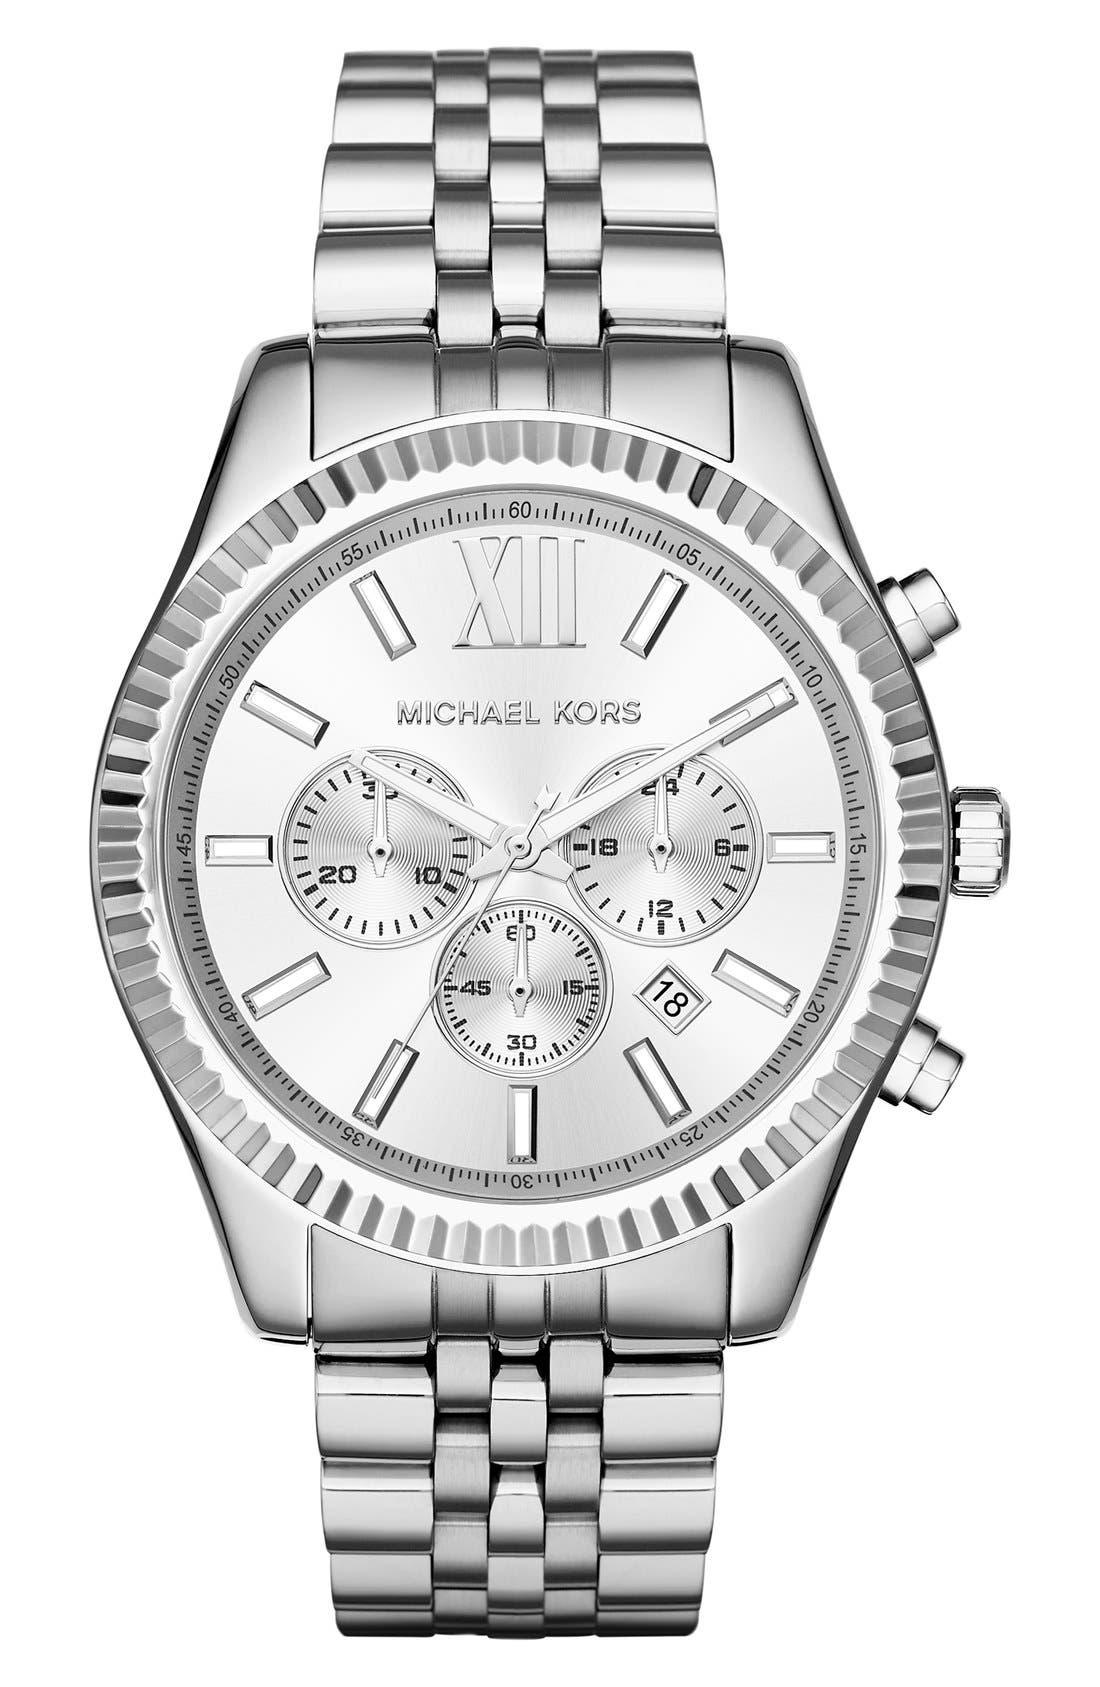 MICHAEL KORS Lexington Chronograph Bracelet Watch,44mm